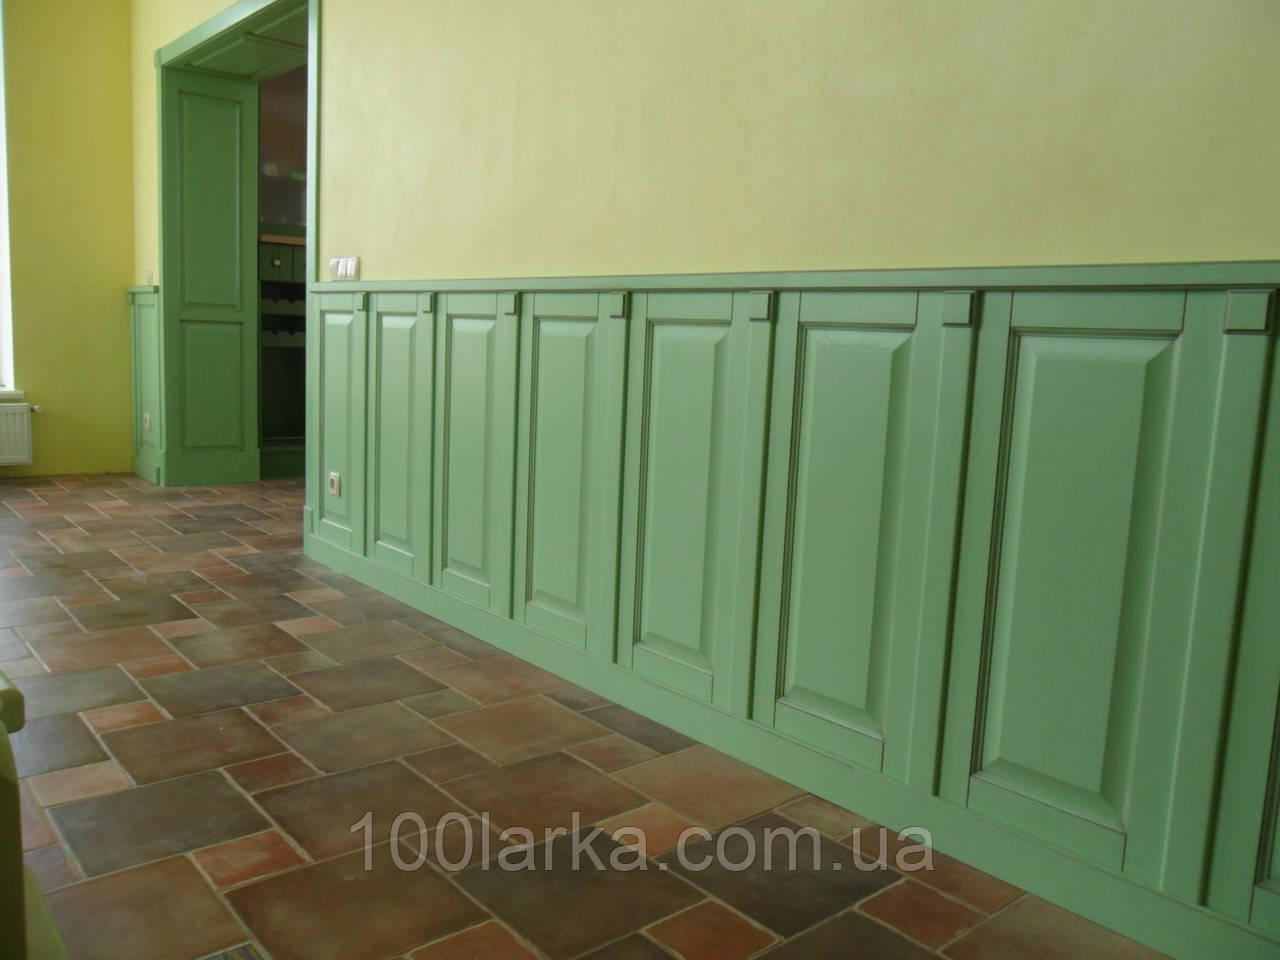 Деревянные панели для стены (декор стен деревом)